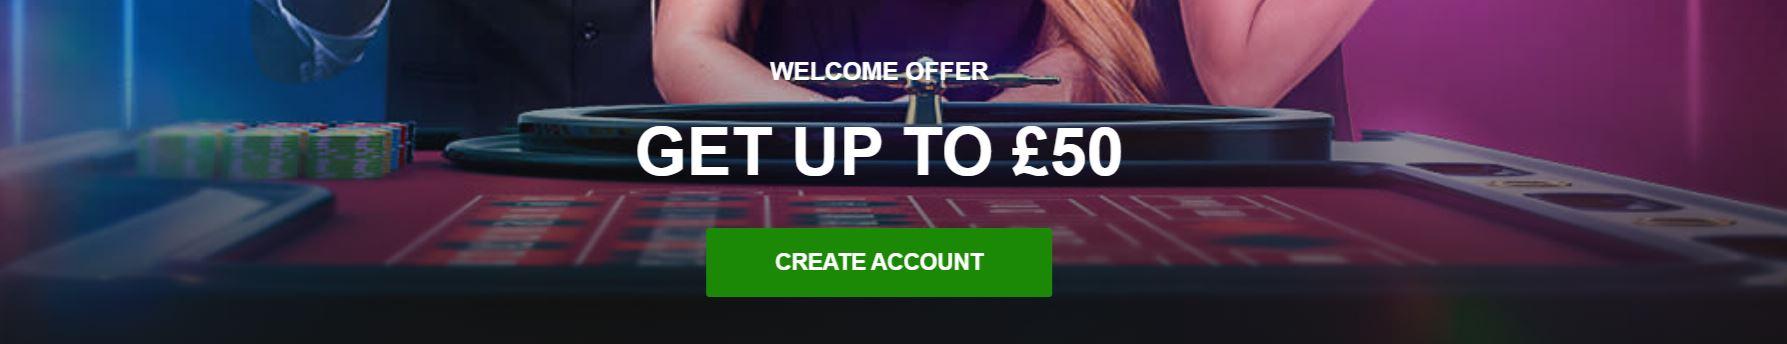 La promoción de bienvenida es una de las más populares de los sitios de juego online.